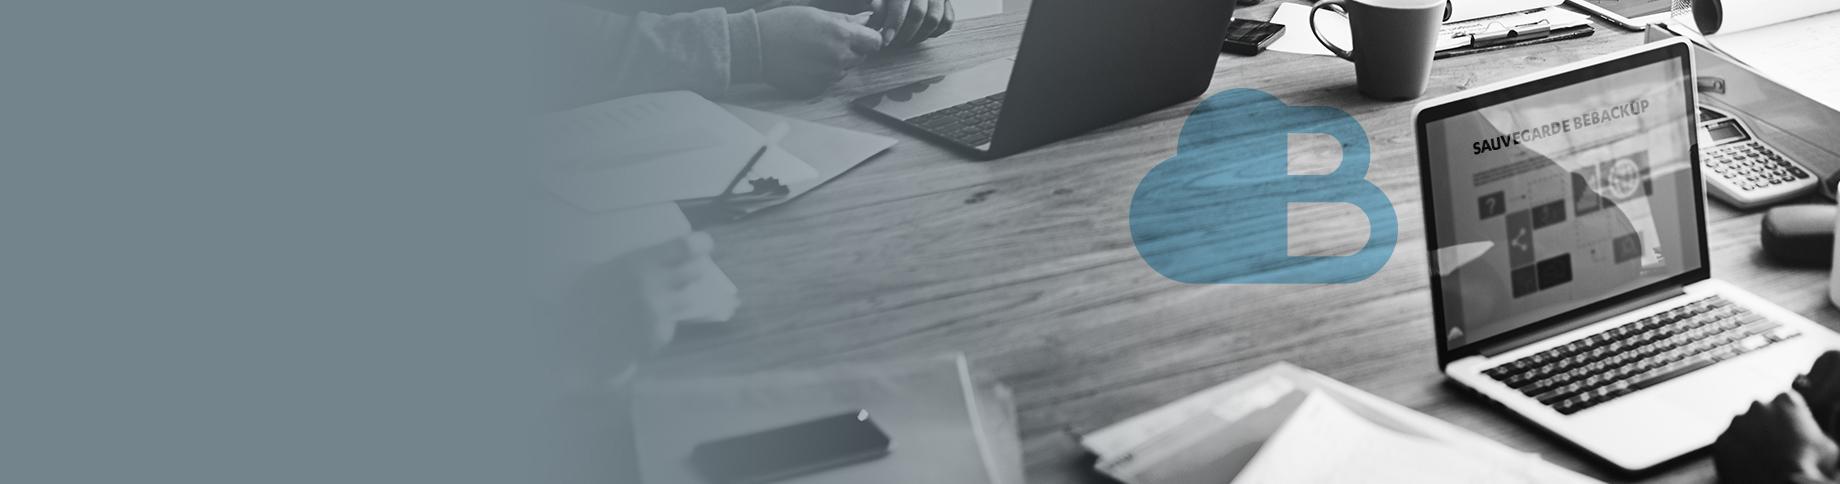 Avis BeBackup : La solution de sauvegarde pour les revendeurs IT - appvizer